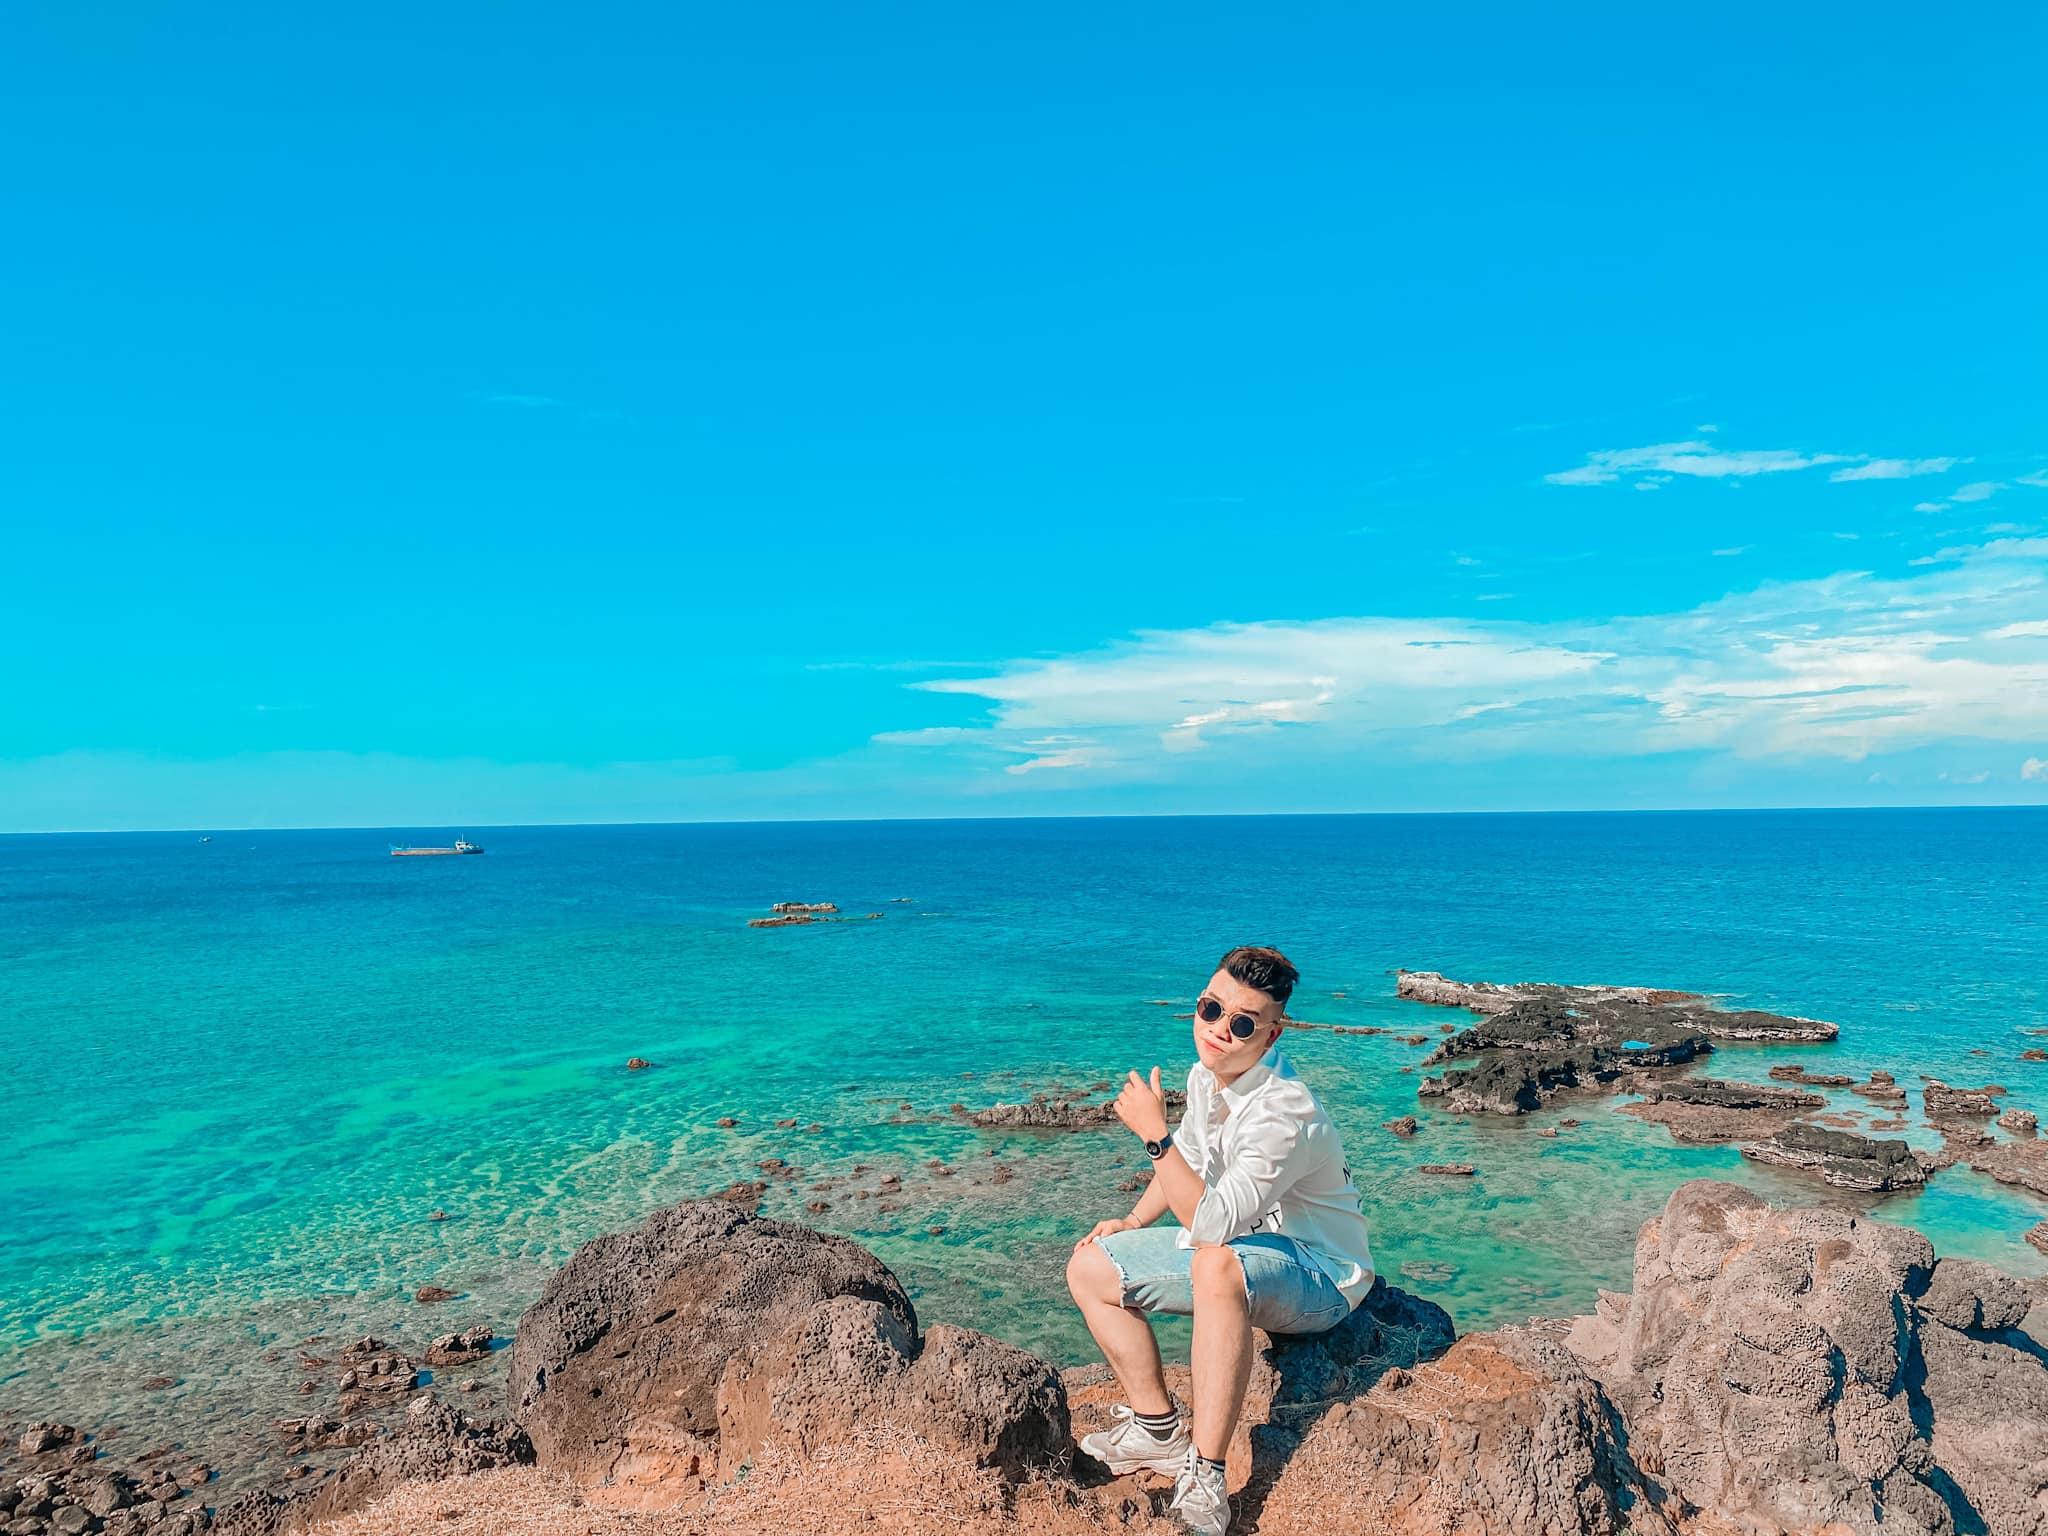 du lịch đảo phú quý, phan thiết, bình thuận